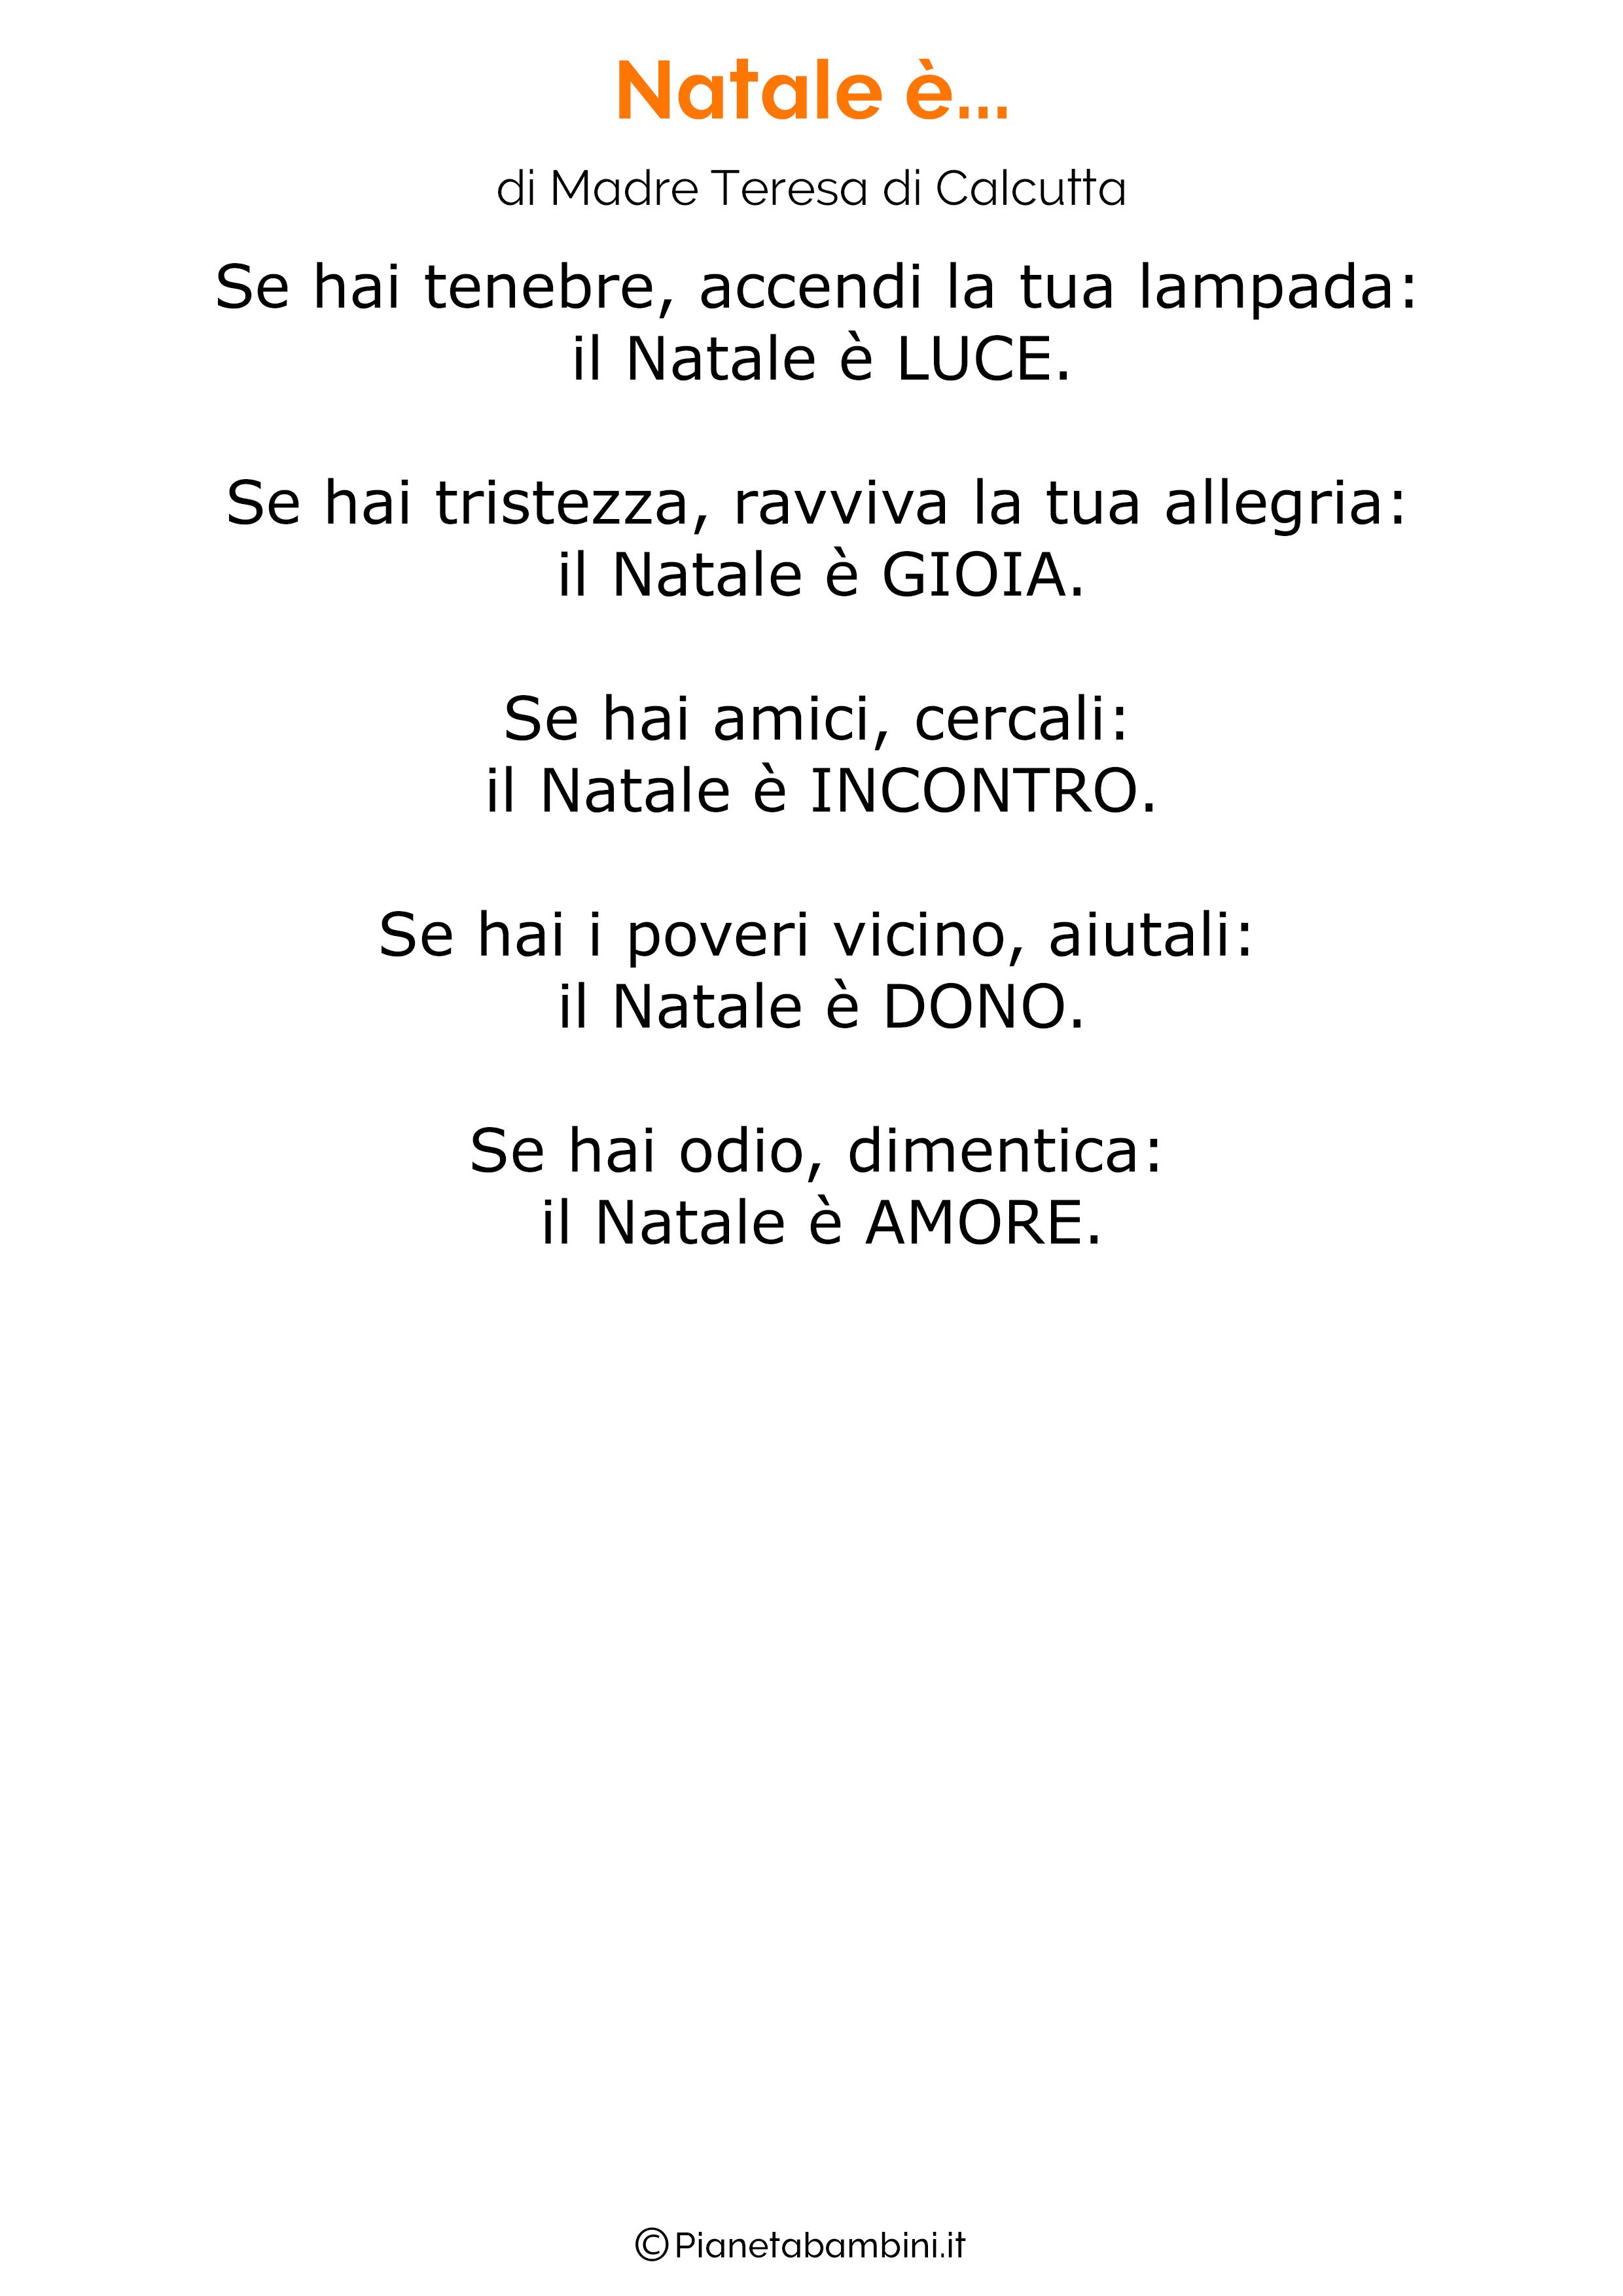 Poesie Di Natale Di Autori Famosi Per Bambini.45 Poesie Di Natale Per Bambini Pianetabambini It